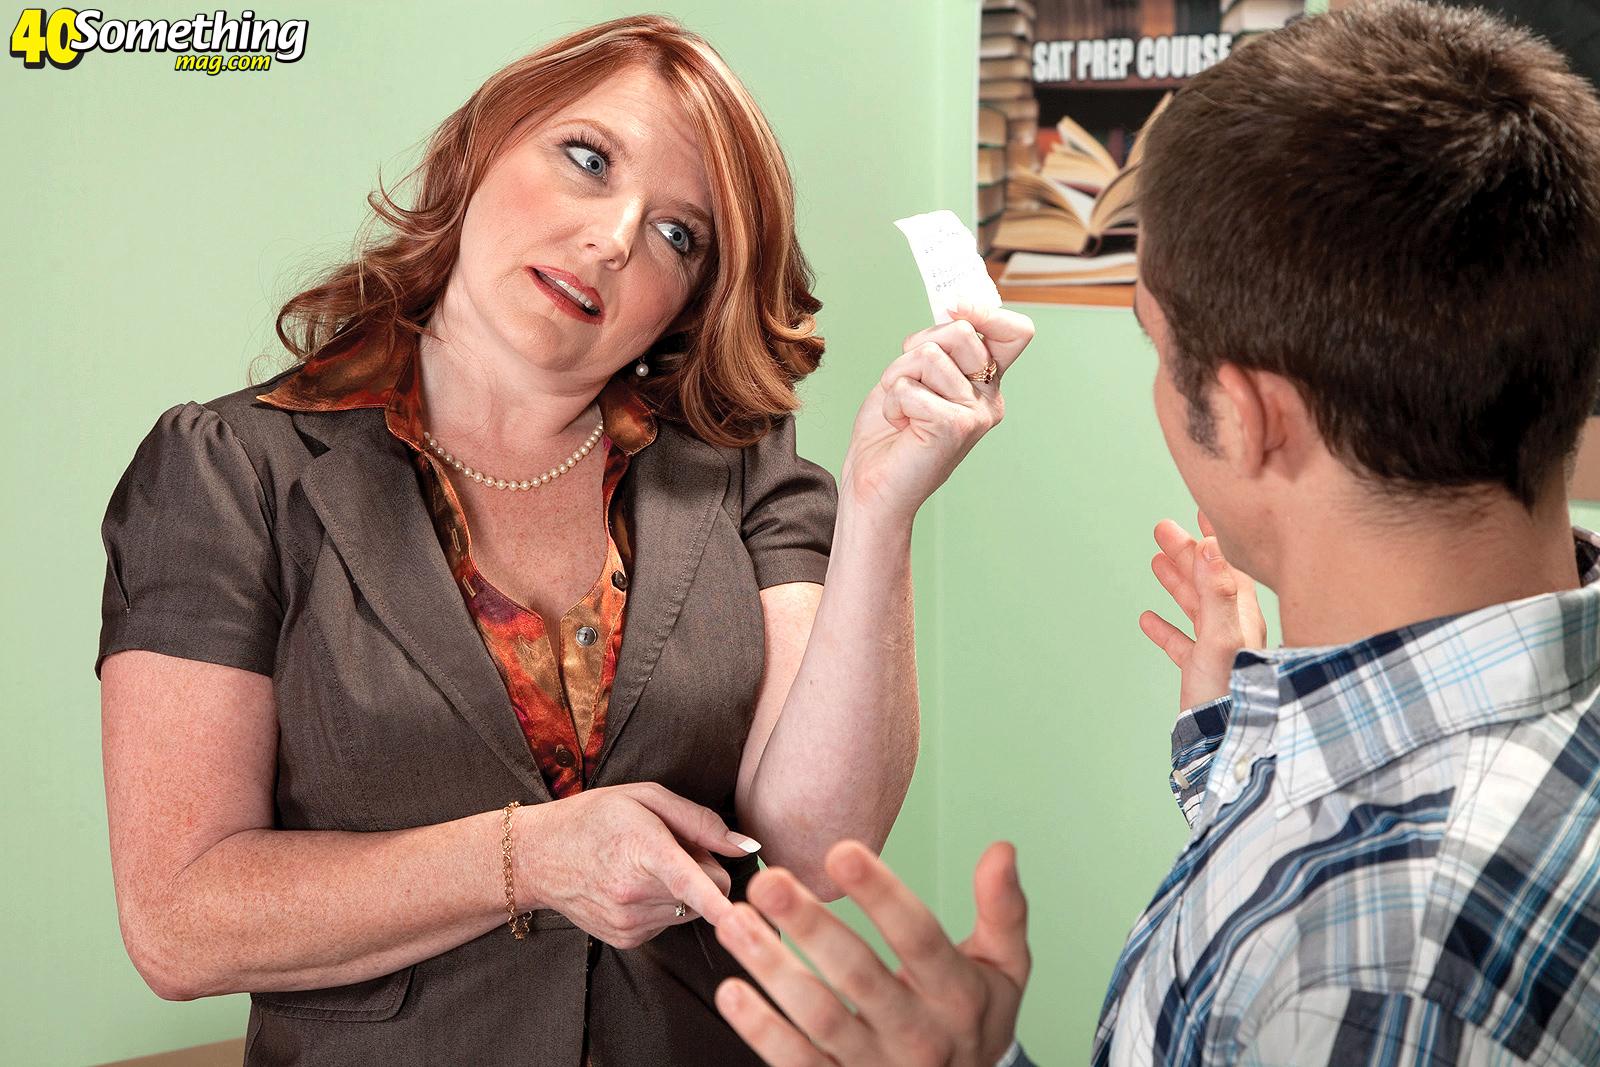 ladyboy penetrates her asshole